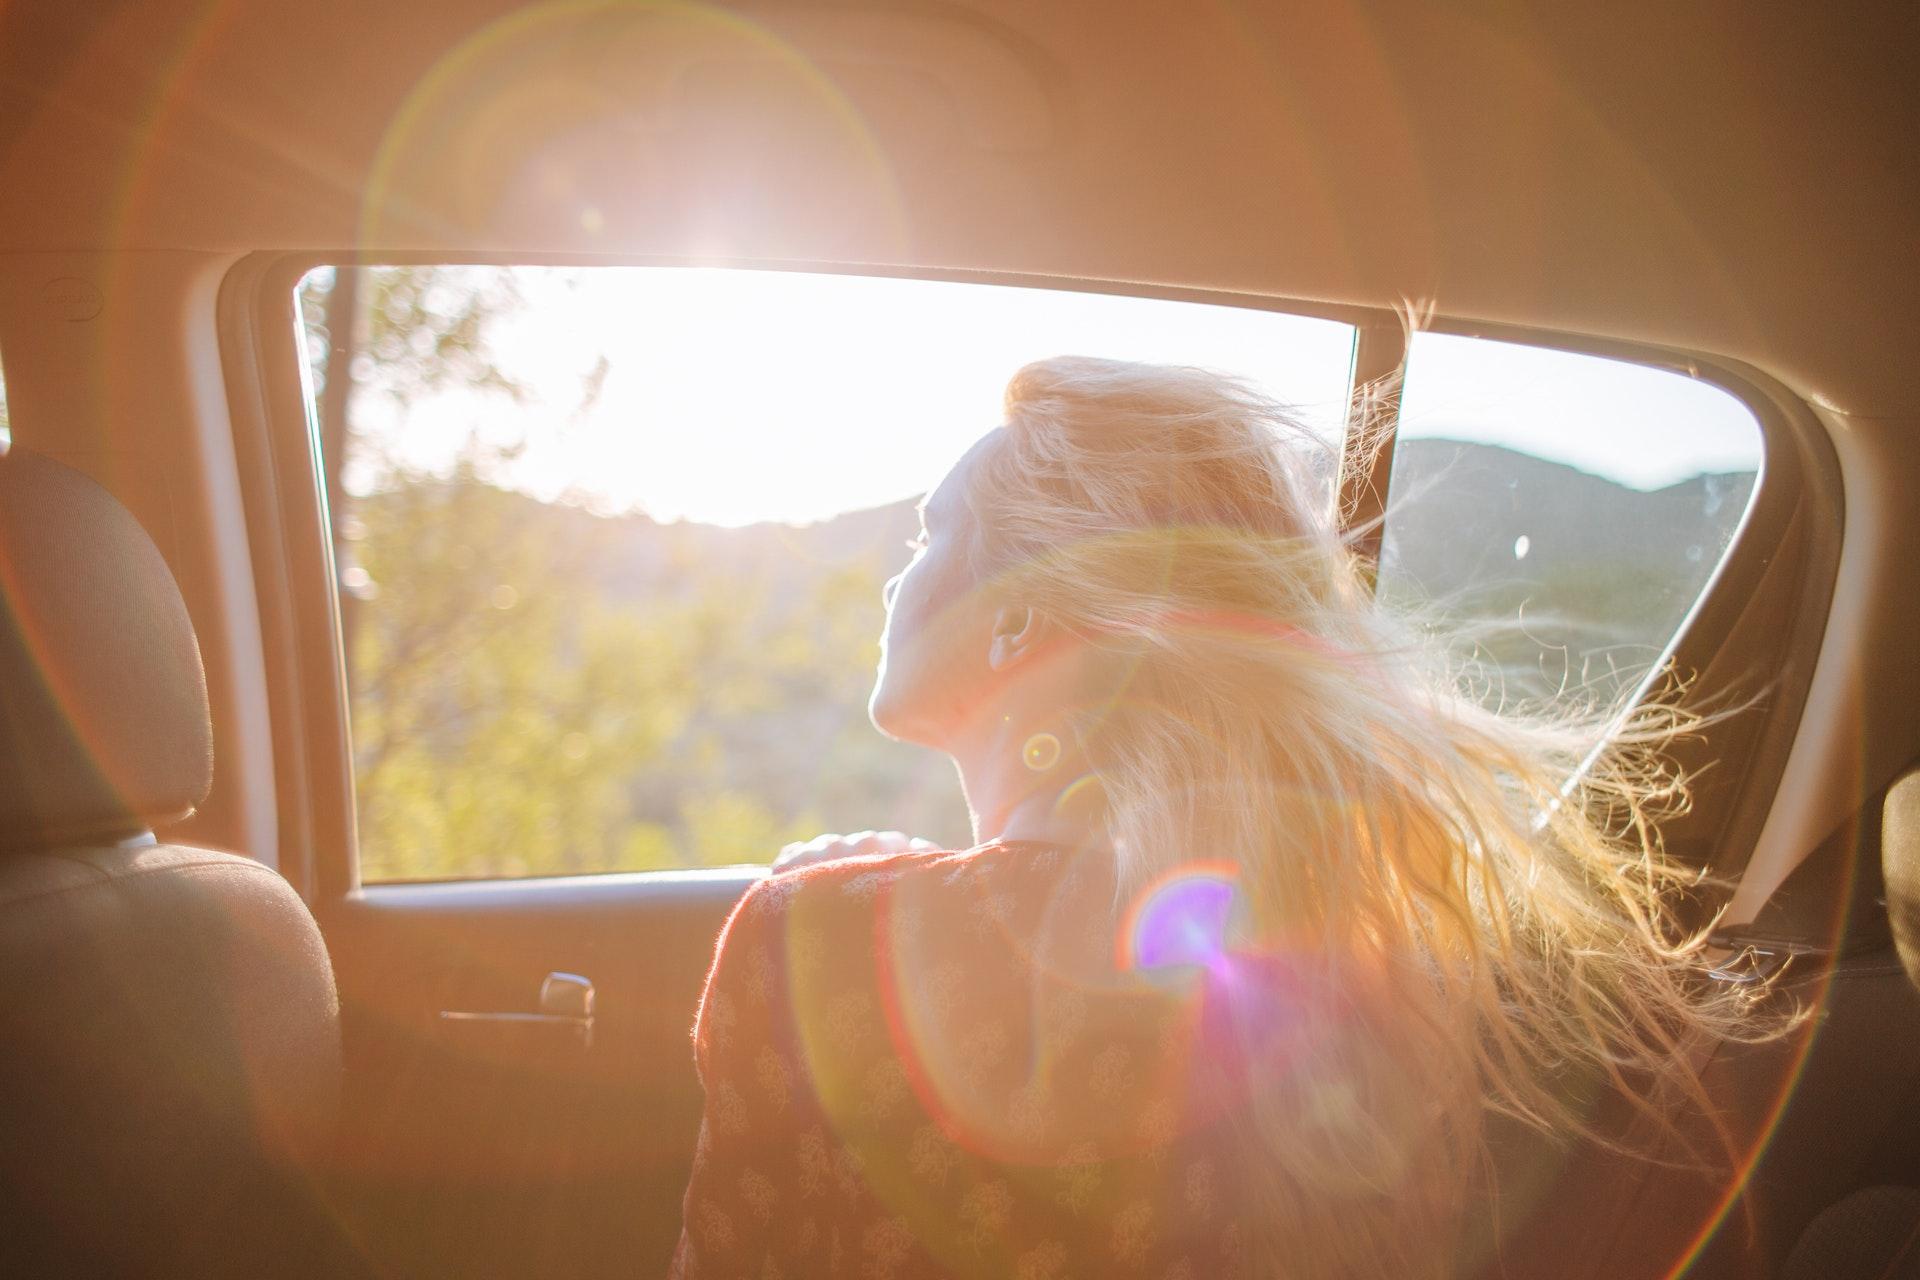 【髪の毛とスピリチュアルの関係|パサパサの髪の毛は運気を下げる?髪質や髪の毛の状態で判断するメッセージ